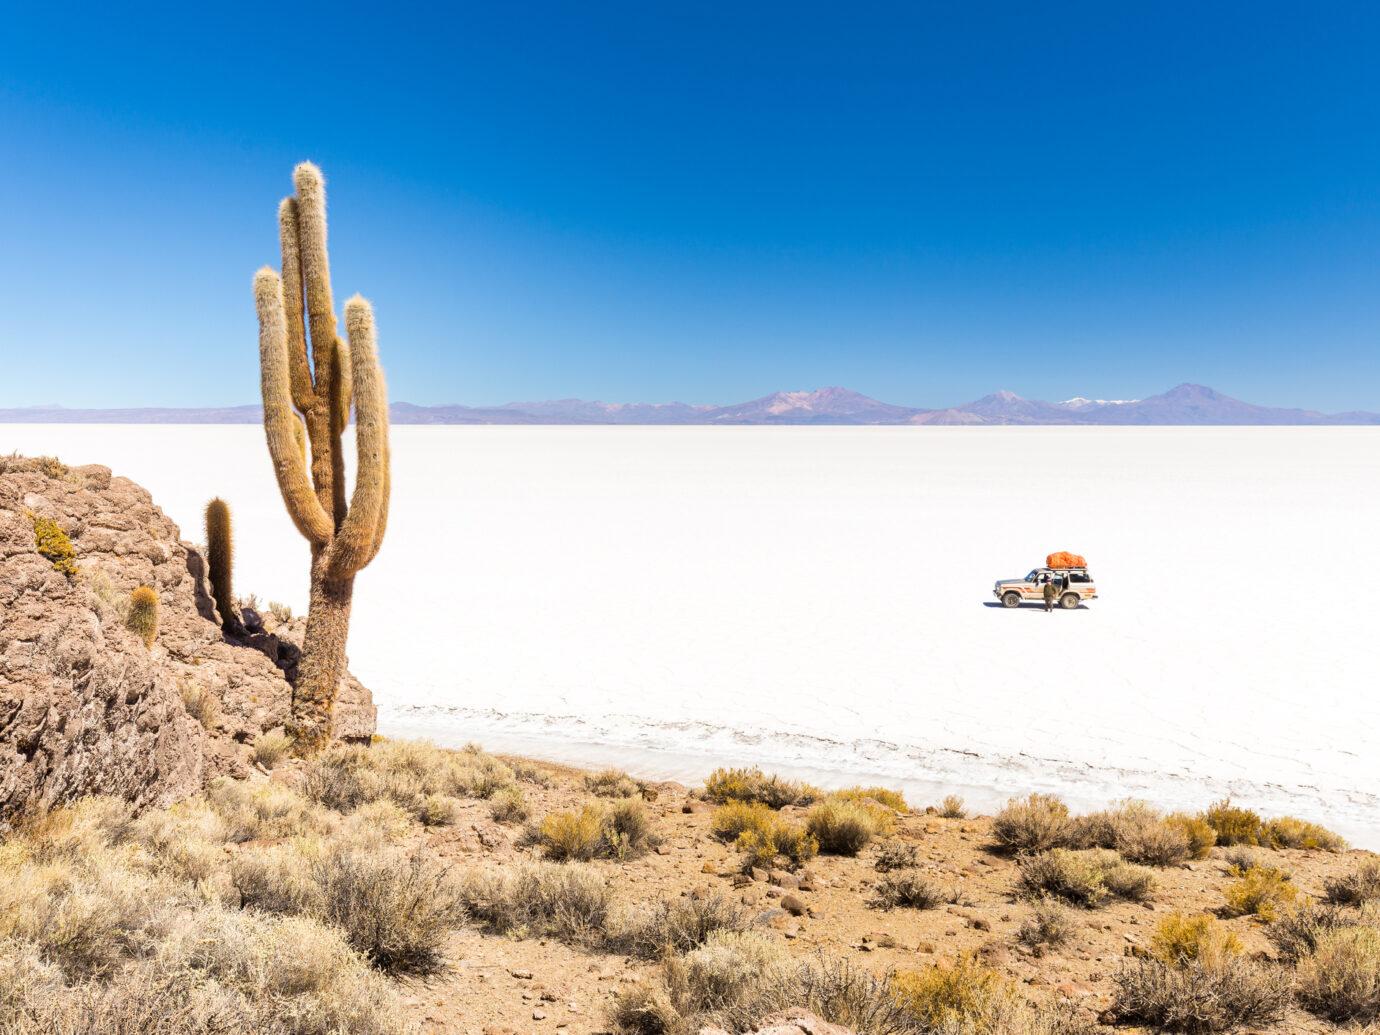 Huge cactus at Salar De Uyuni in Bolivia